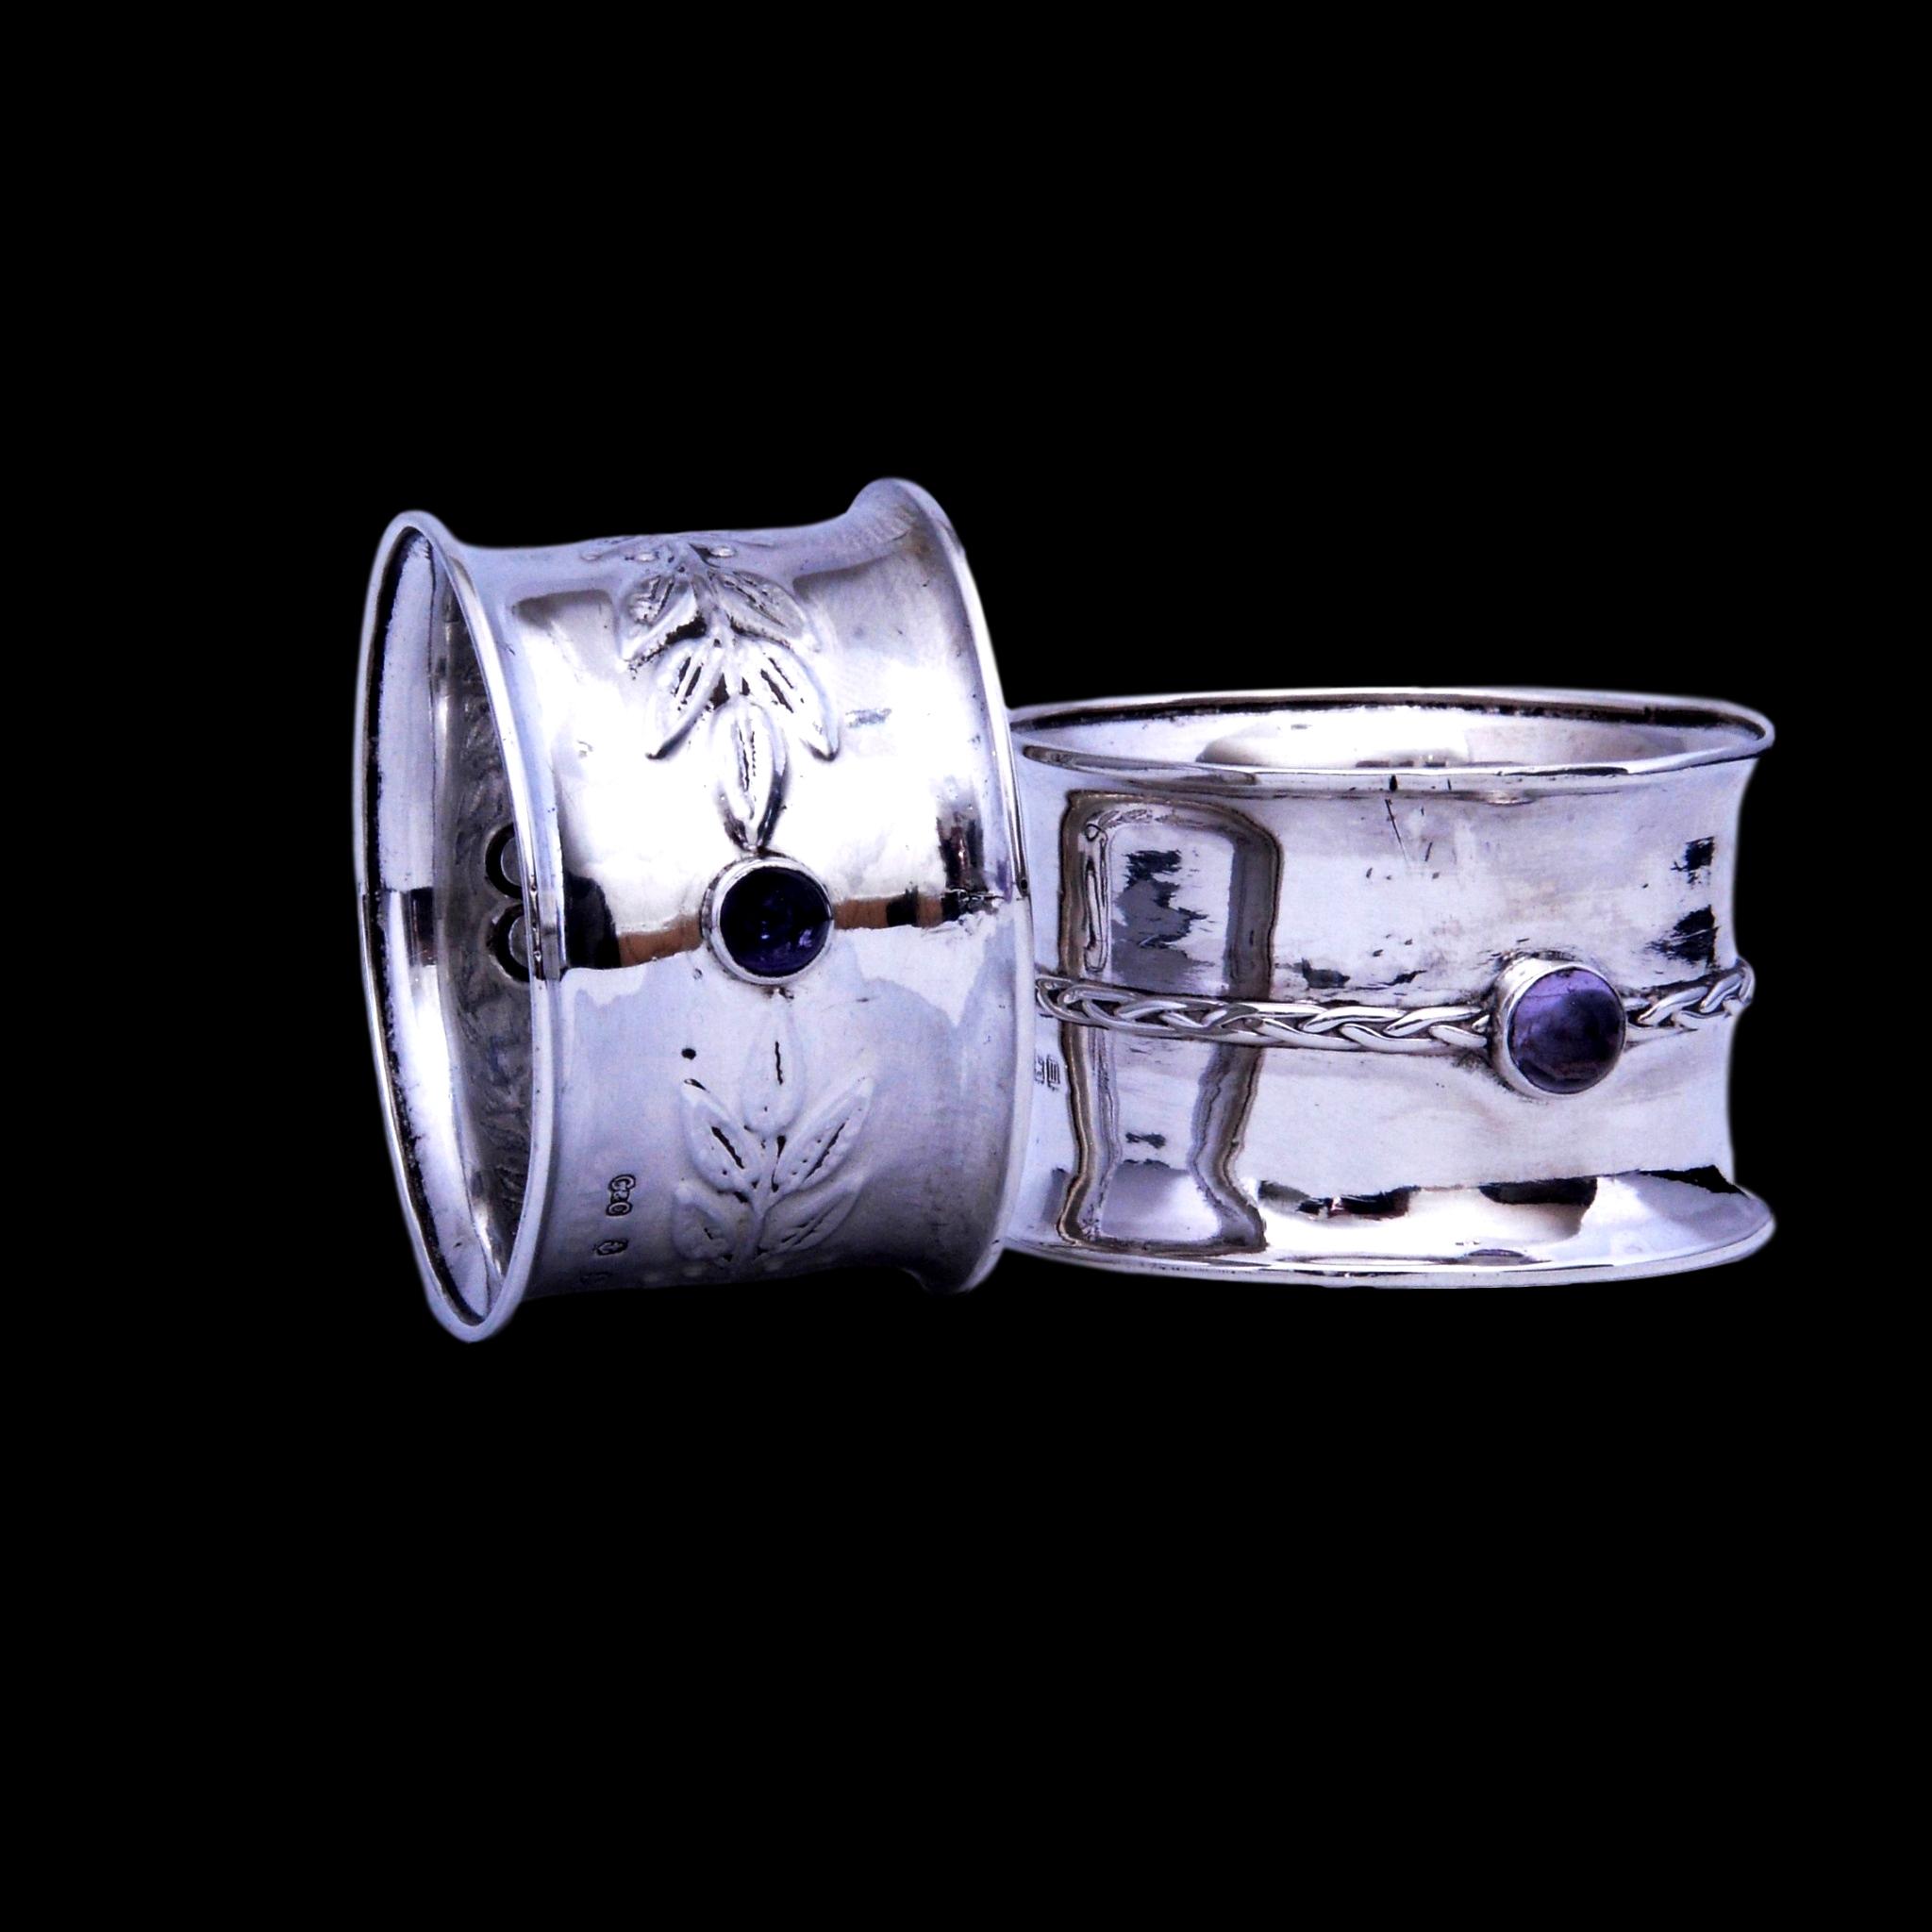 Dryad metalwork silver